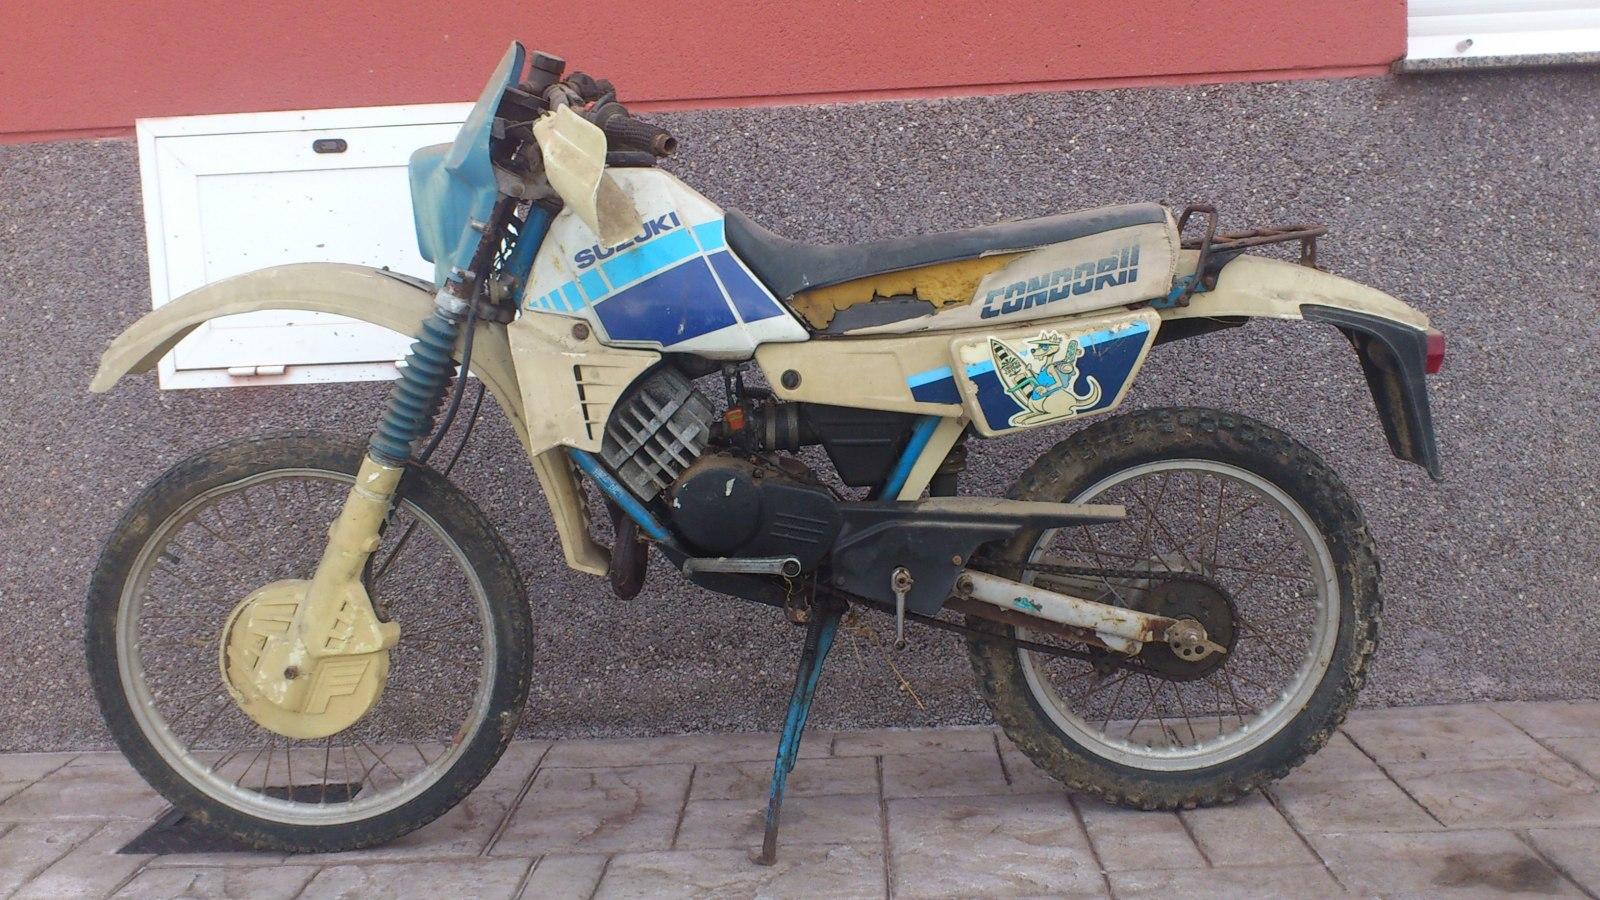 suzuki - Suzuki Condor III 2mwy1vt